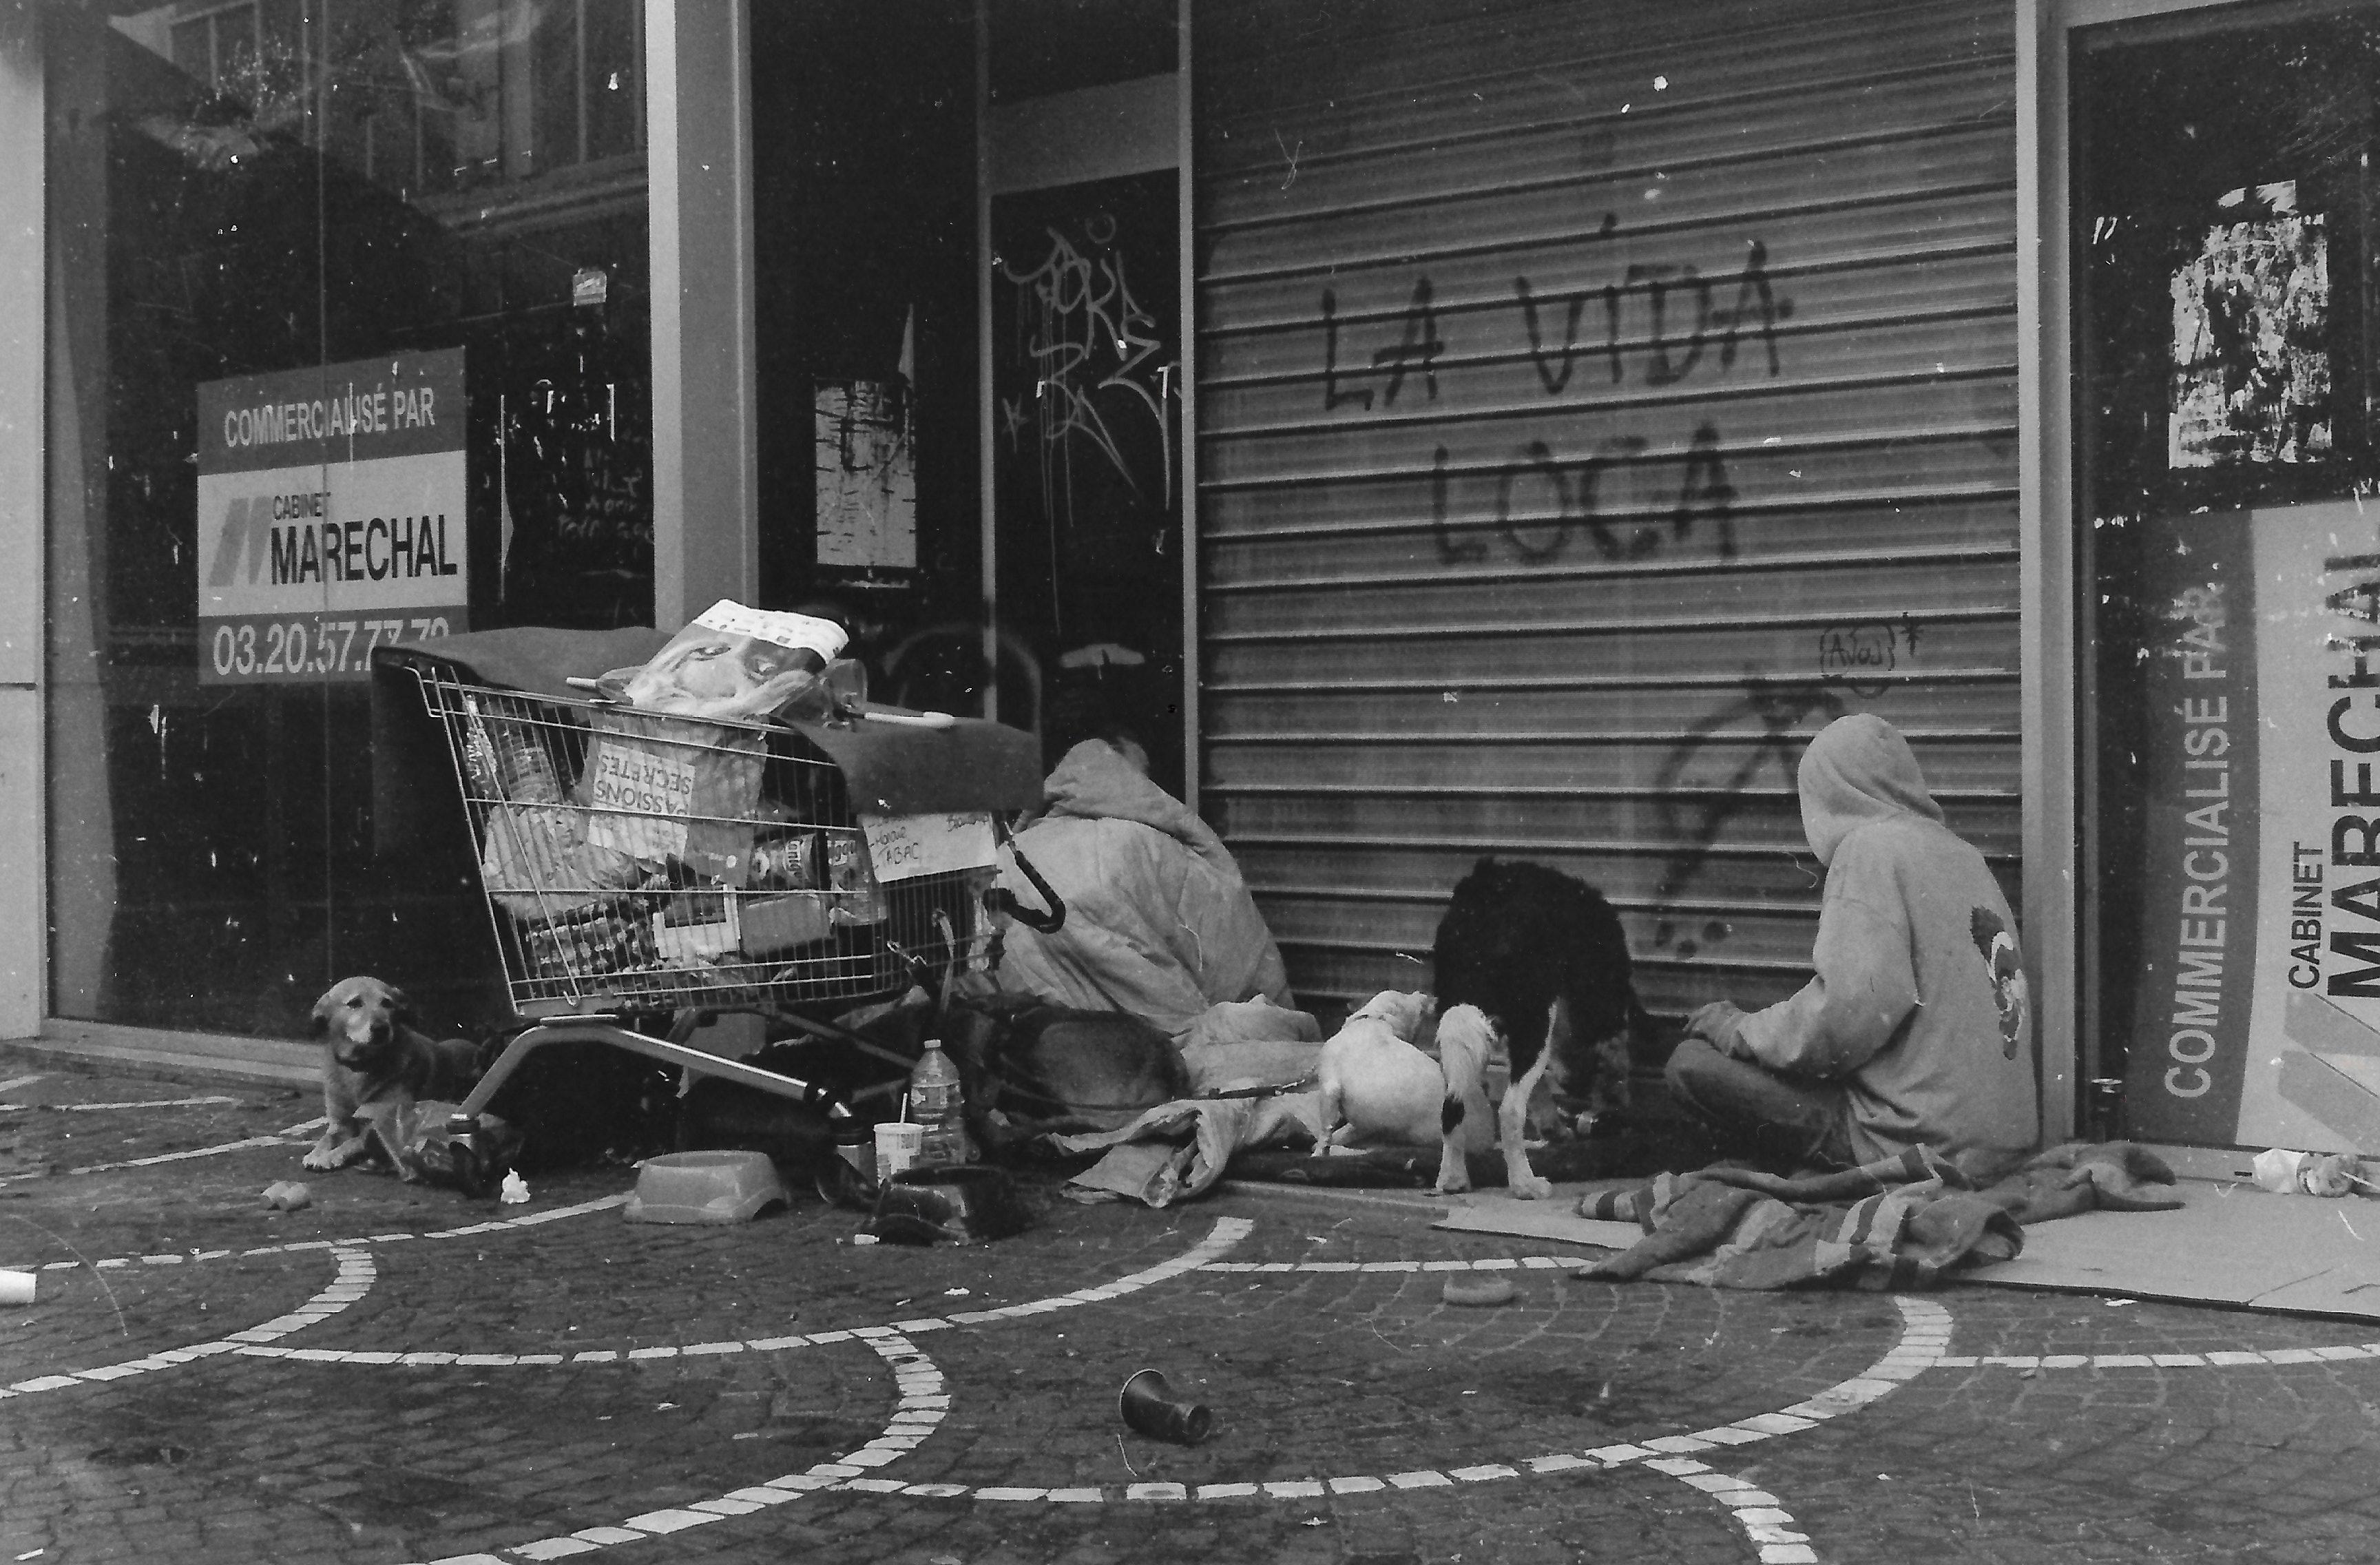 photographie argentique  u2013 zimmer pierre